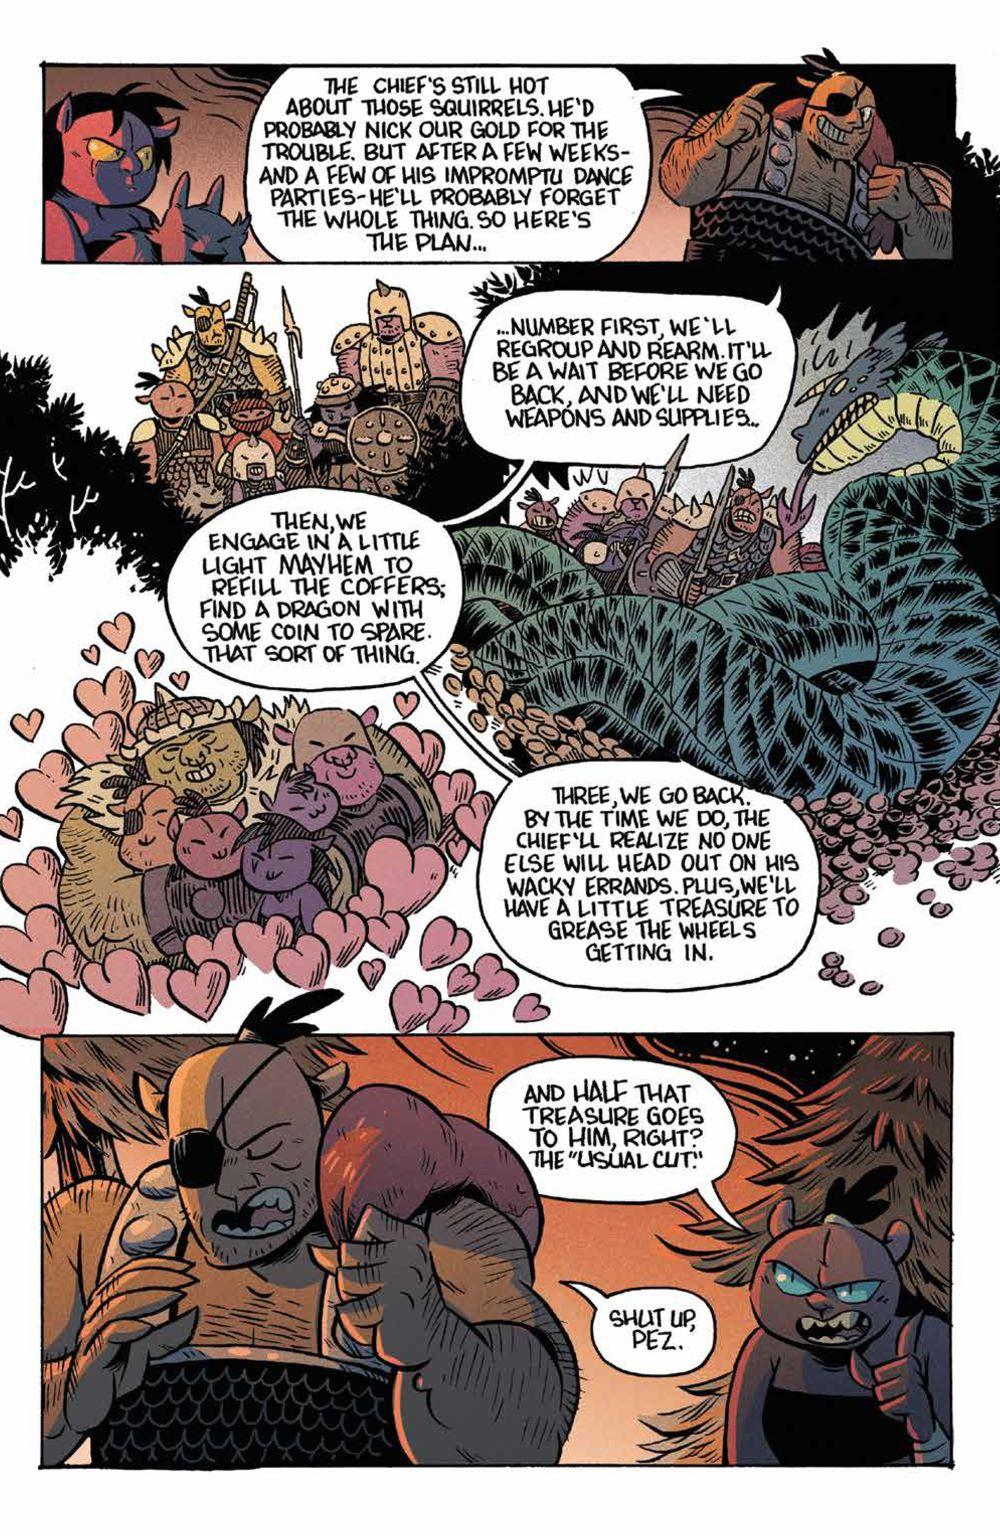 Orcs_003_PRESS_6 ComicList Previews: ORCS #3 (OF 5)